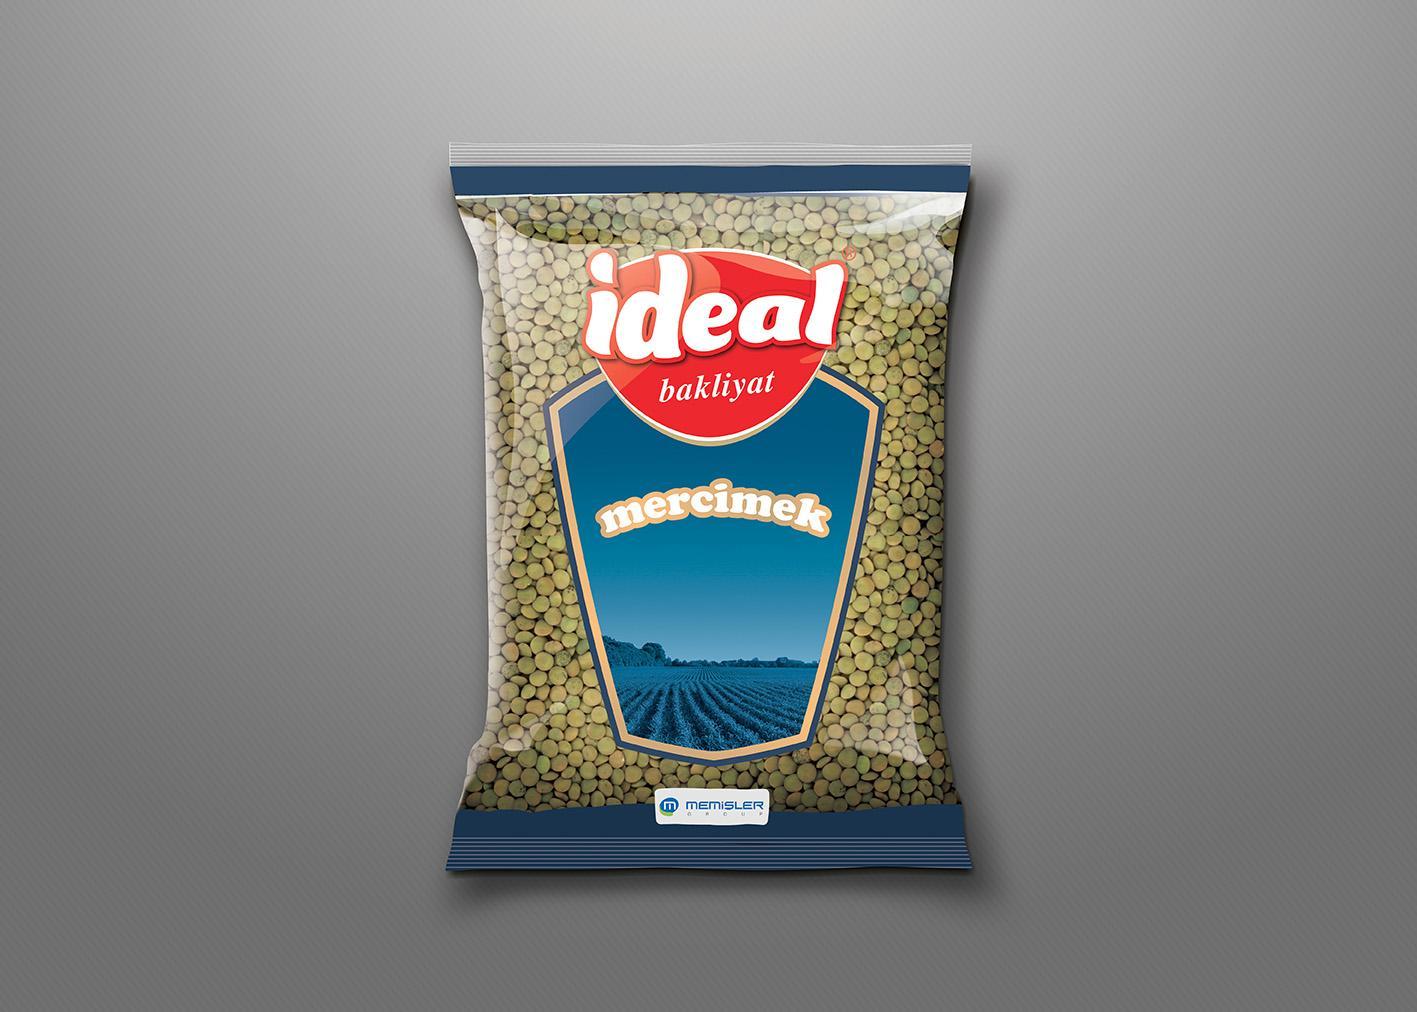 Green lentils